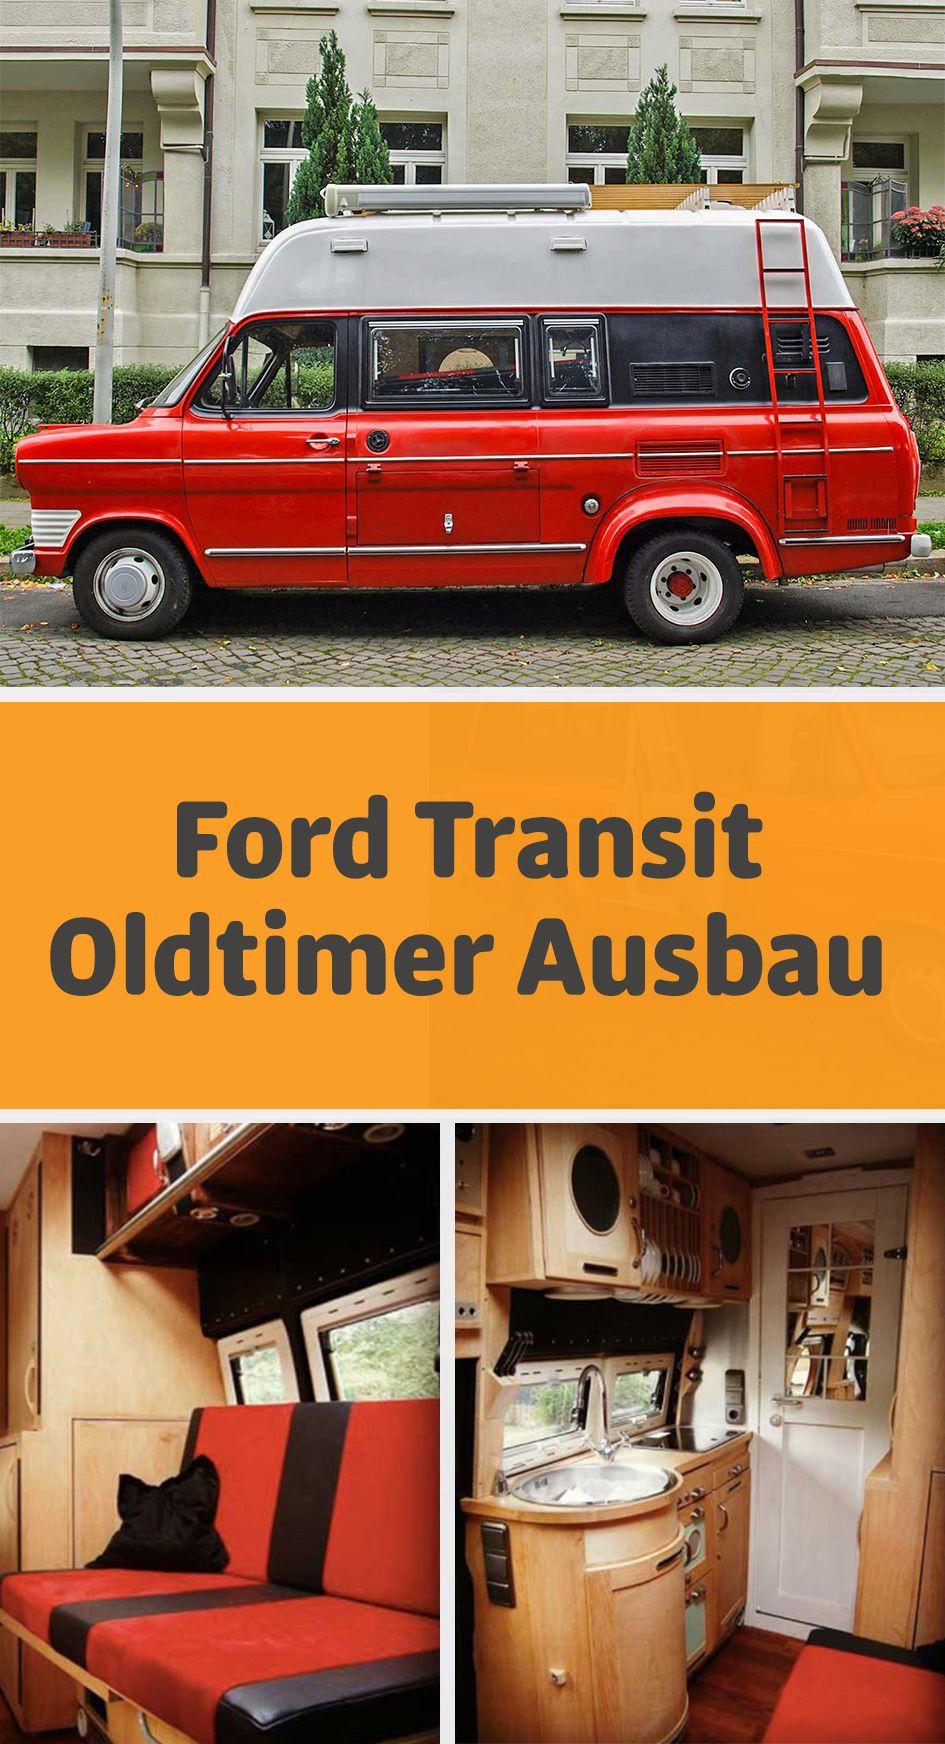 Ford Transit Oldtimer Oldtimer Wohnmobil Kastenwagen Camper